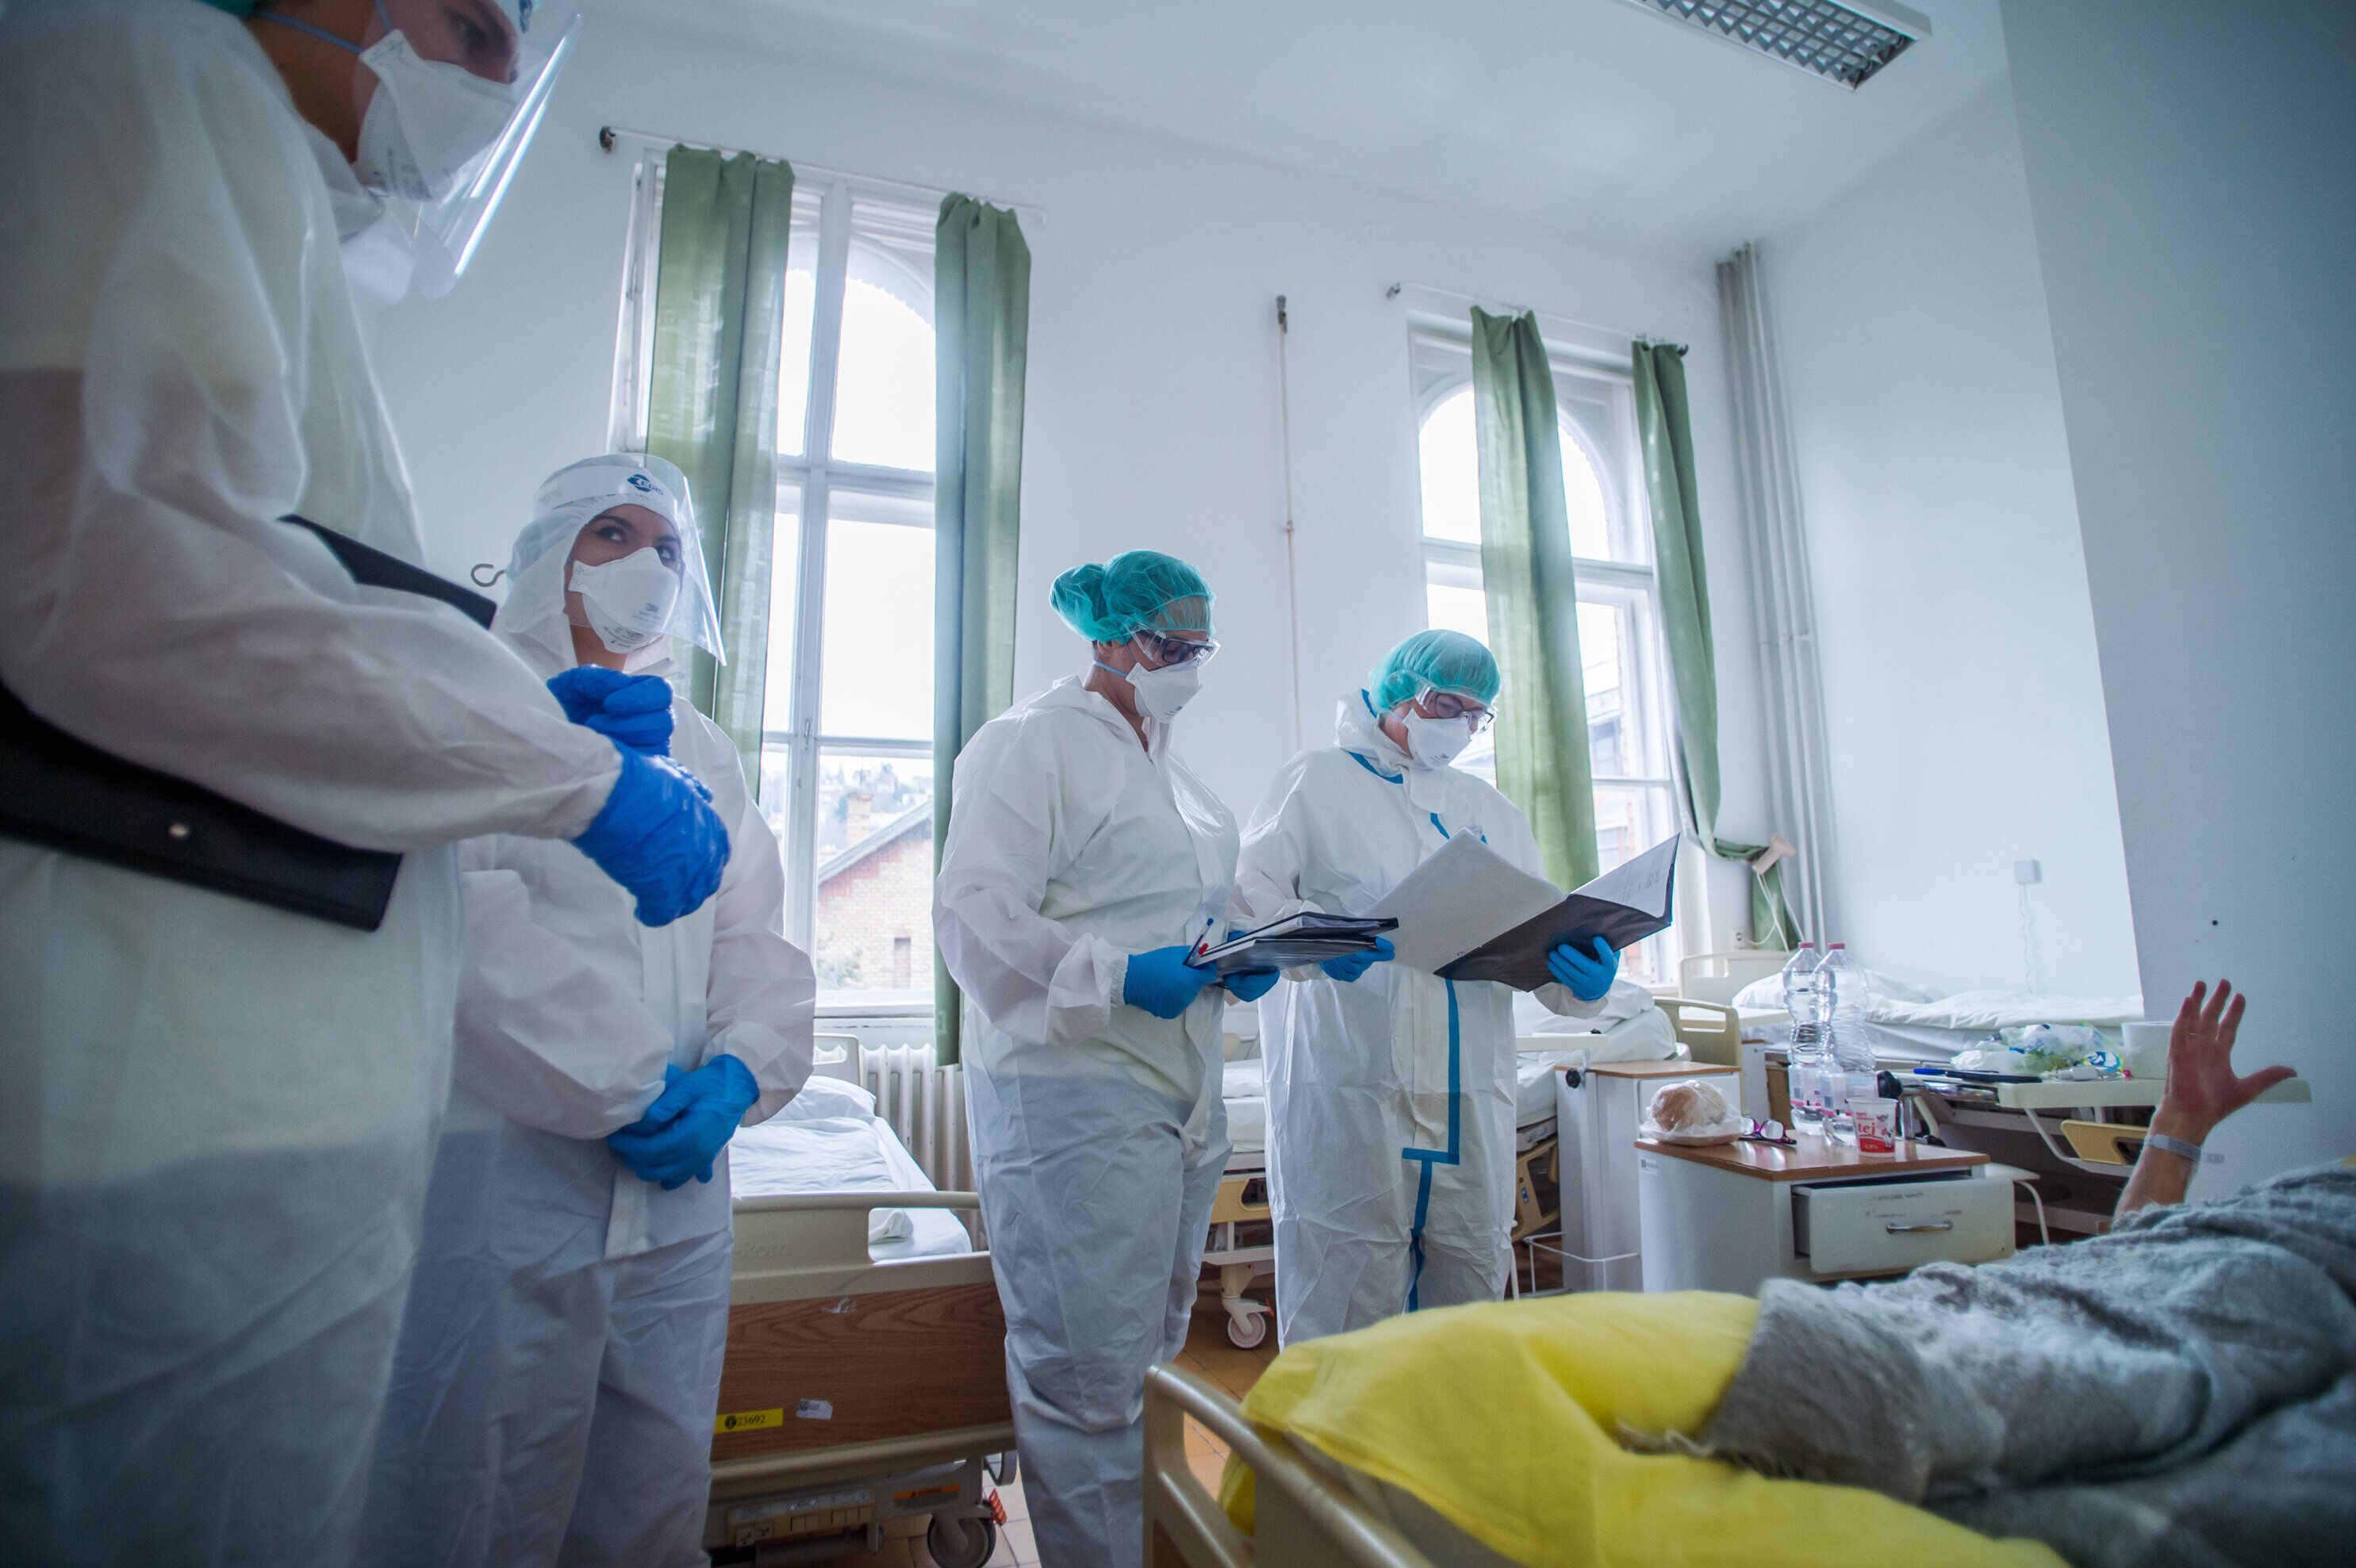 hungary coronavirus hospital